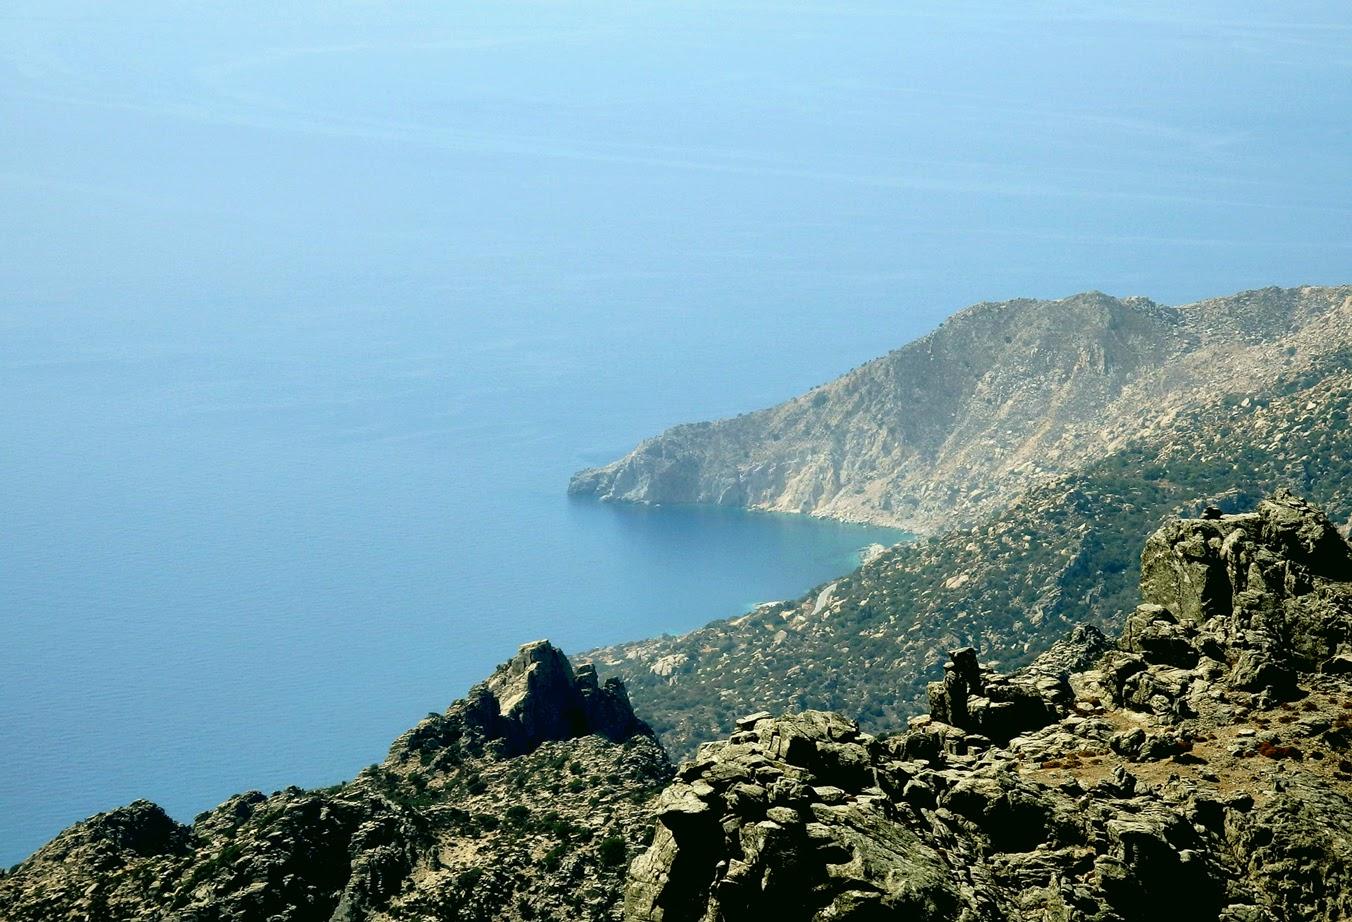 Θέα από την κορυφή «Μέλισσα» προς το Ακρωτήριο «Κάβο Πάπας». Ίσως ένα από τα πιο άγρια τοπία στο Αιγαίο με μεγάλες κλίσεις.